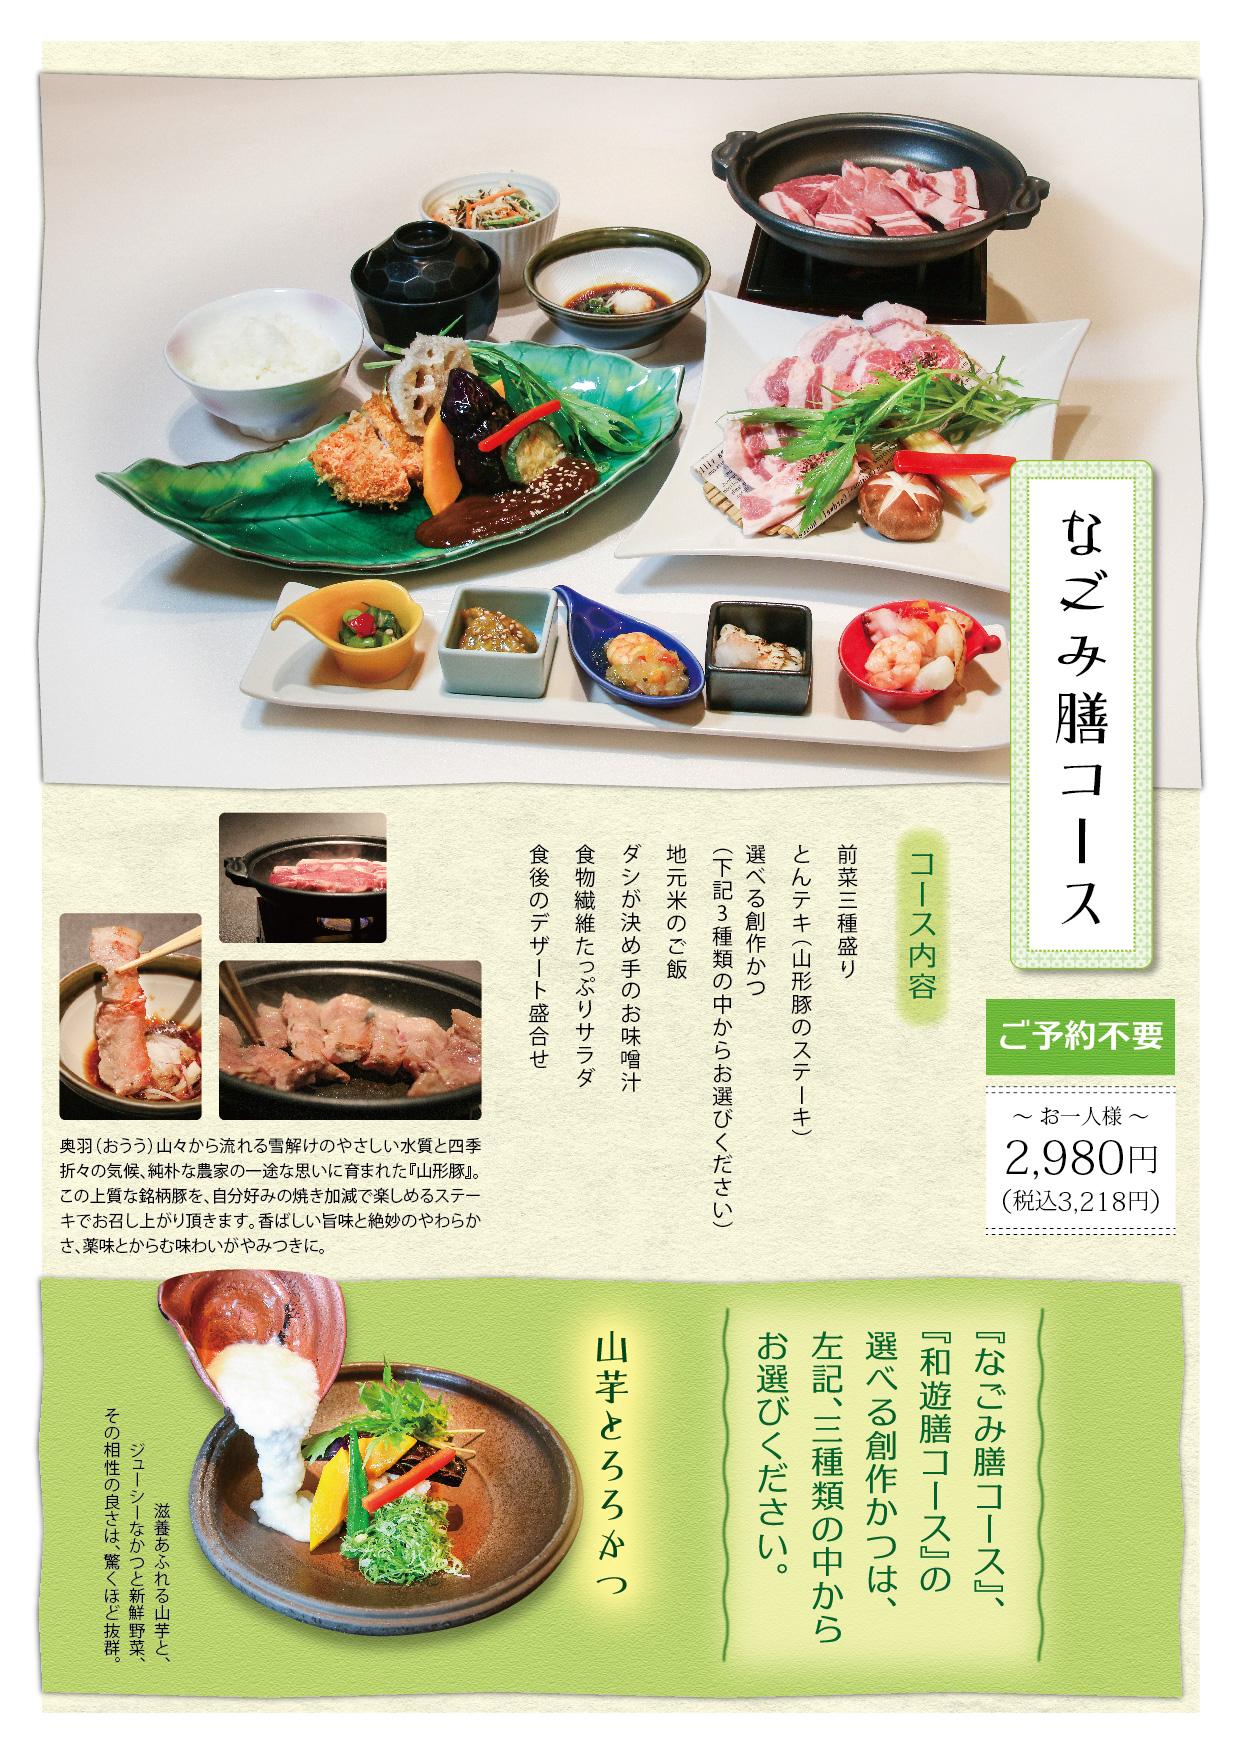 とんかつ味里 飲食店ディナーメニューデザイン03